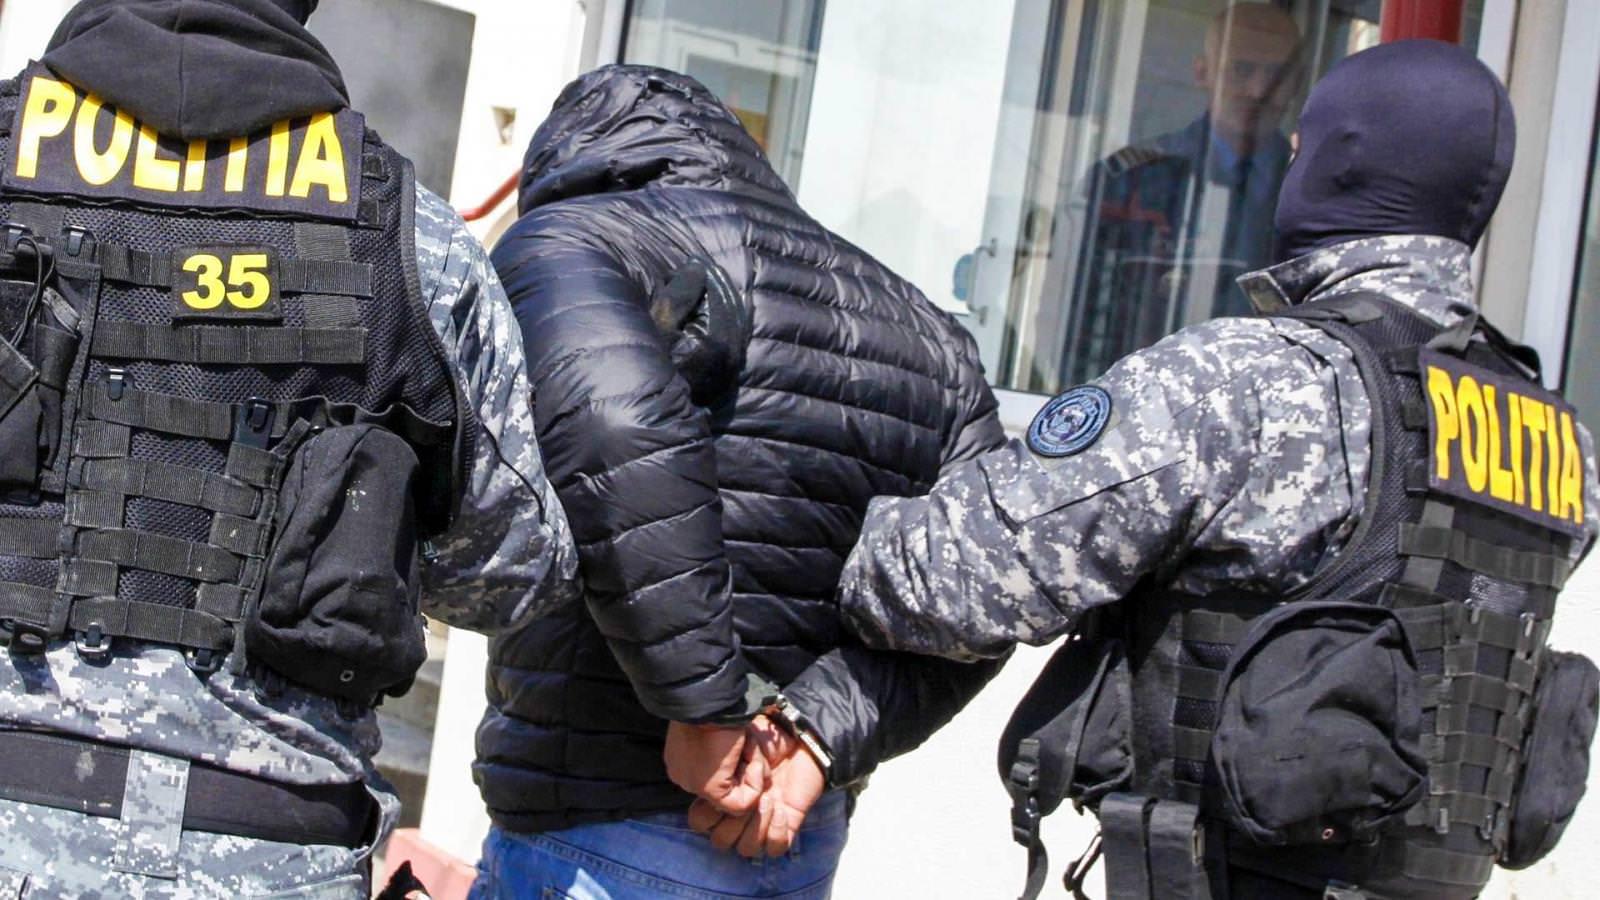 Doi clienți ai unui bar au fost snopiți în bătaie de agenții de pază și abandonați în stradă